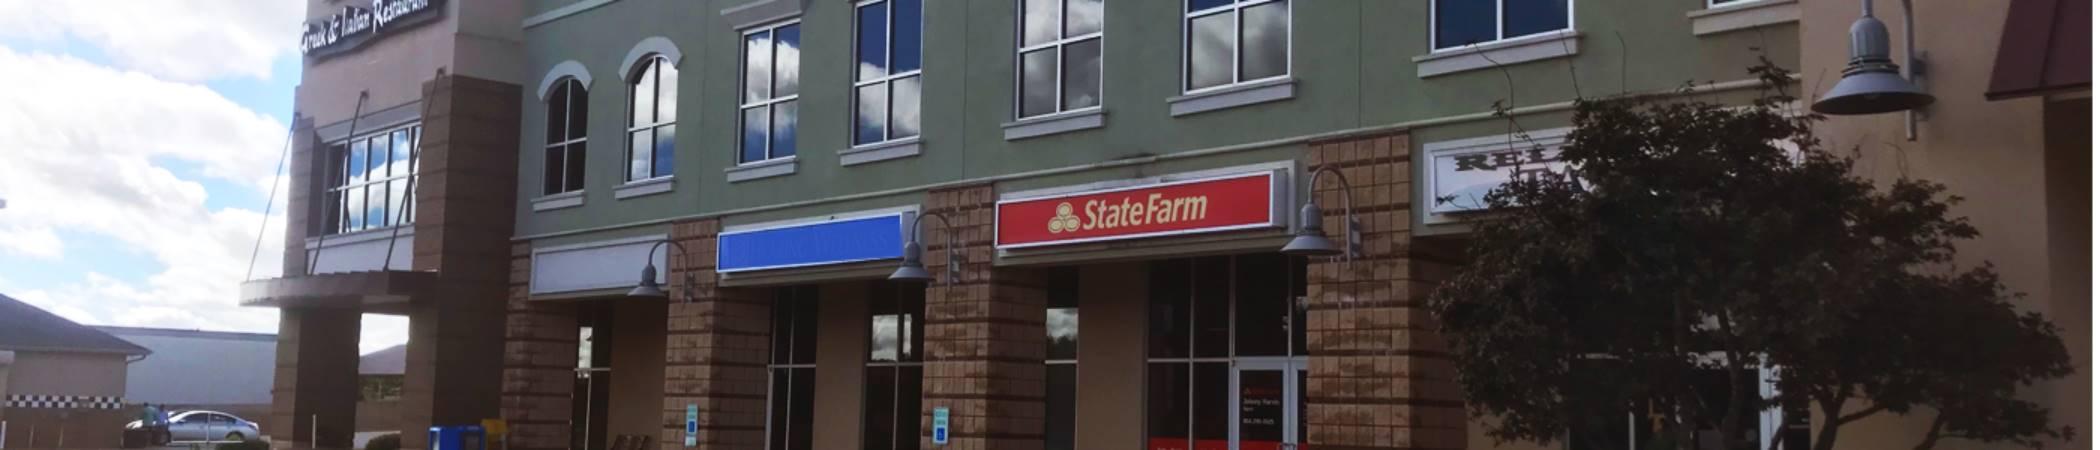 Johnny Harvin State Farm Insurance in Powdersville, SC | Home, Auto Insurance & more